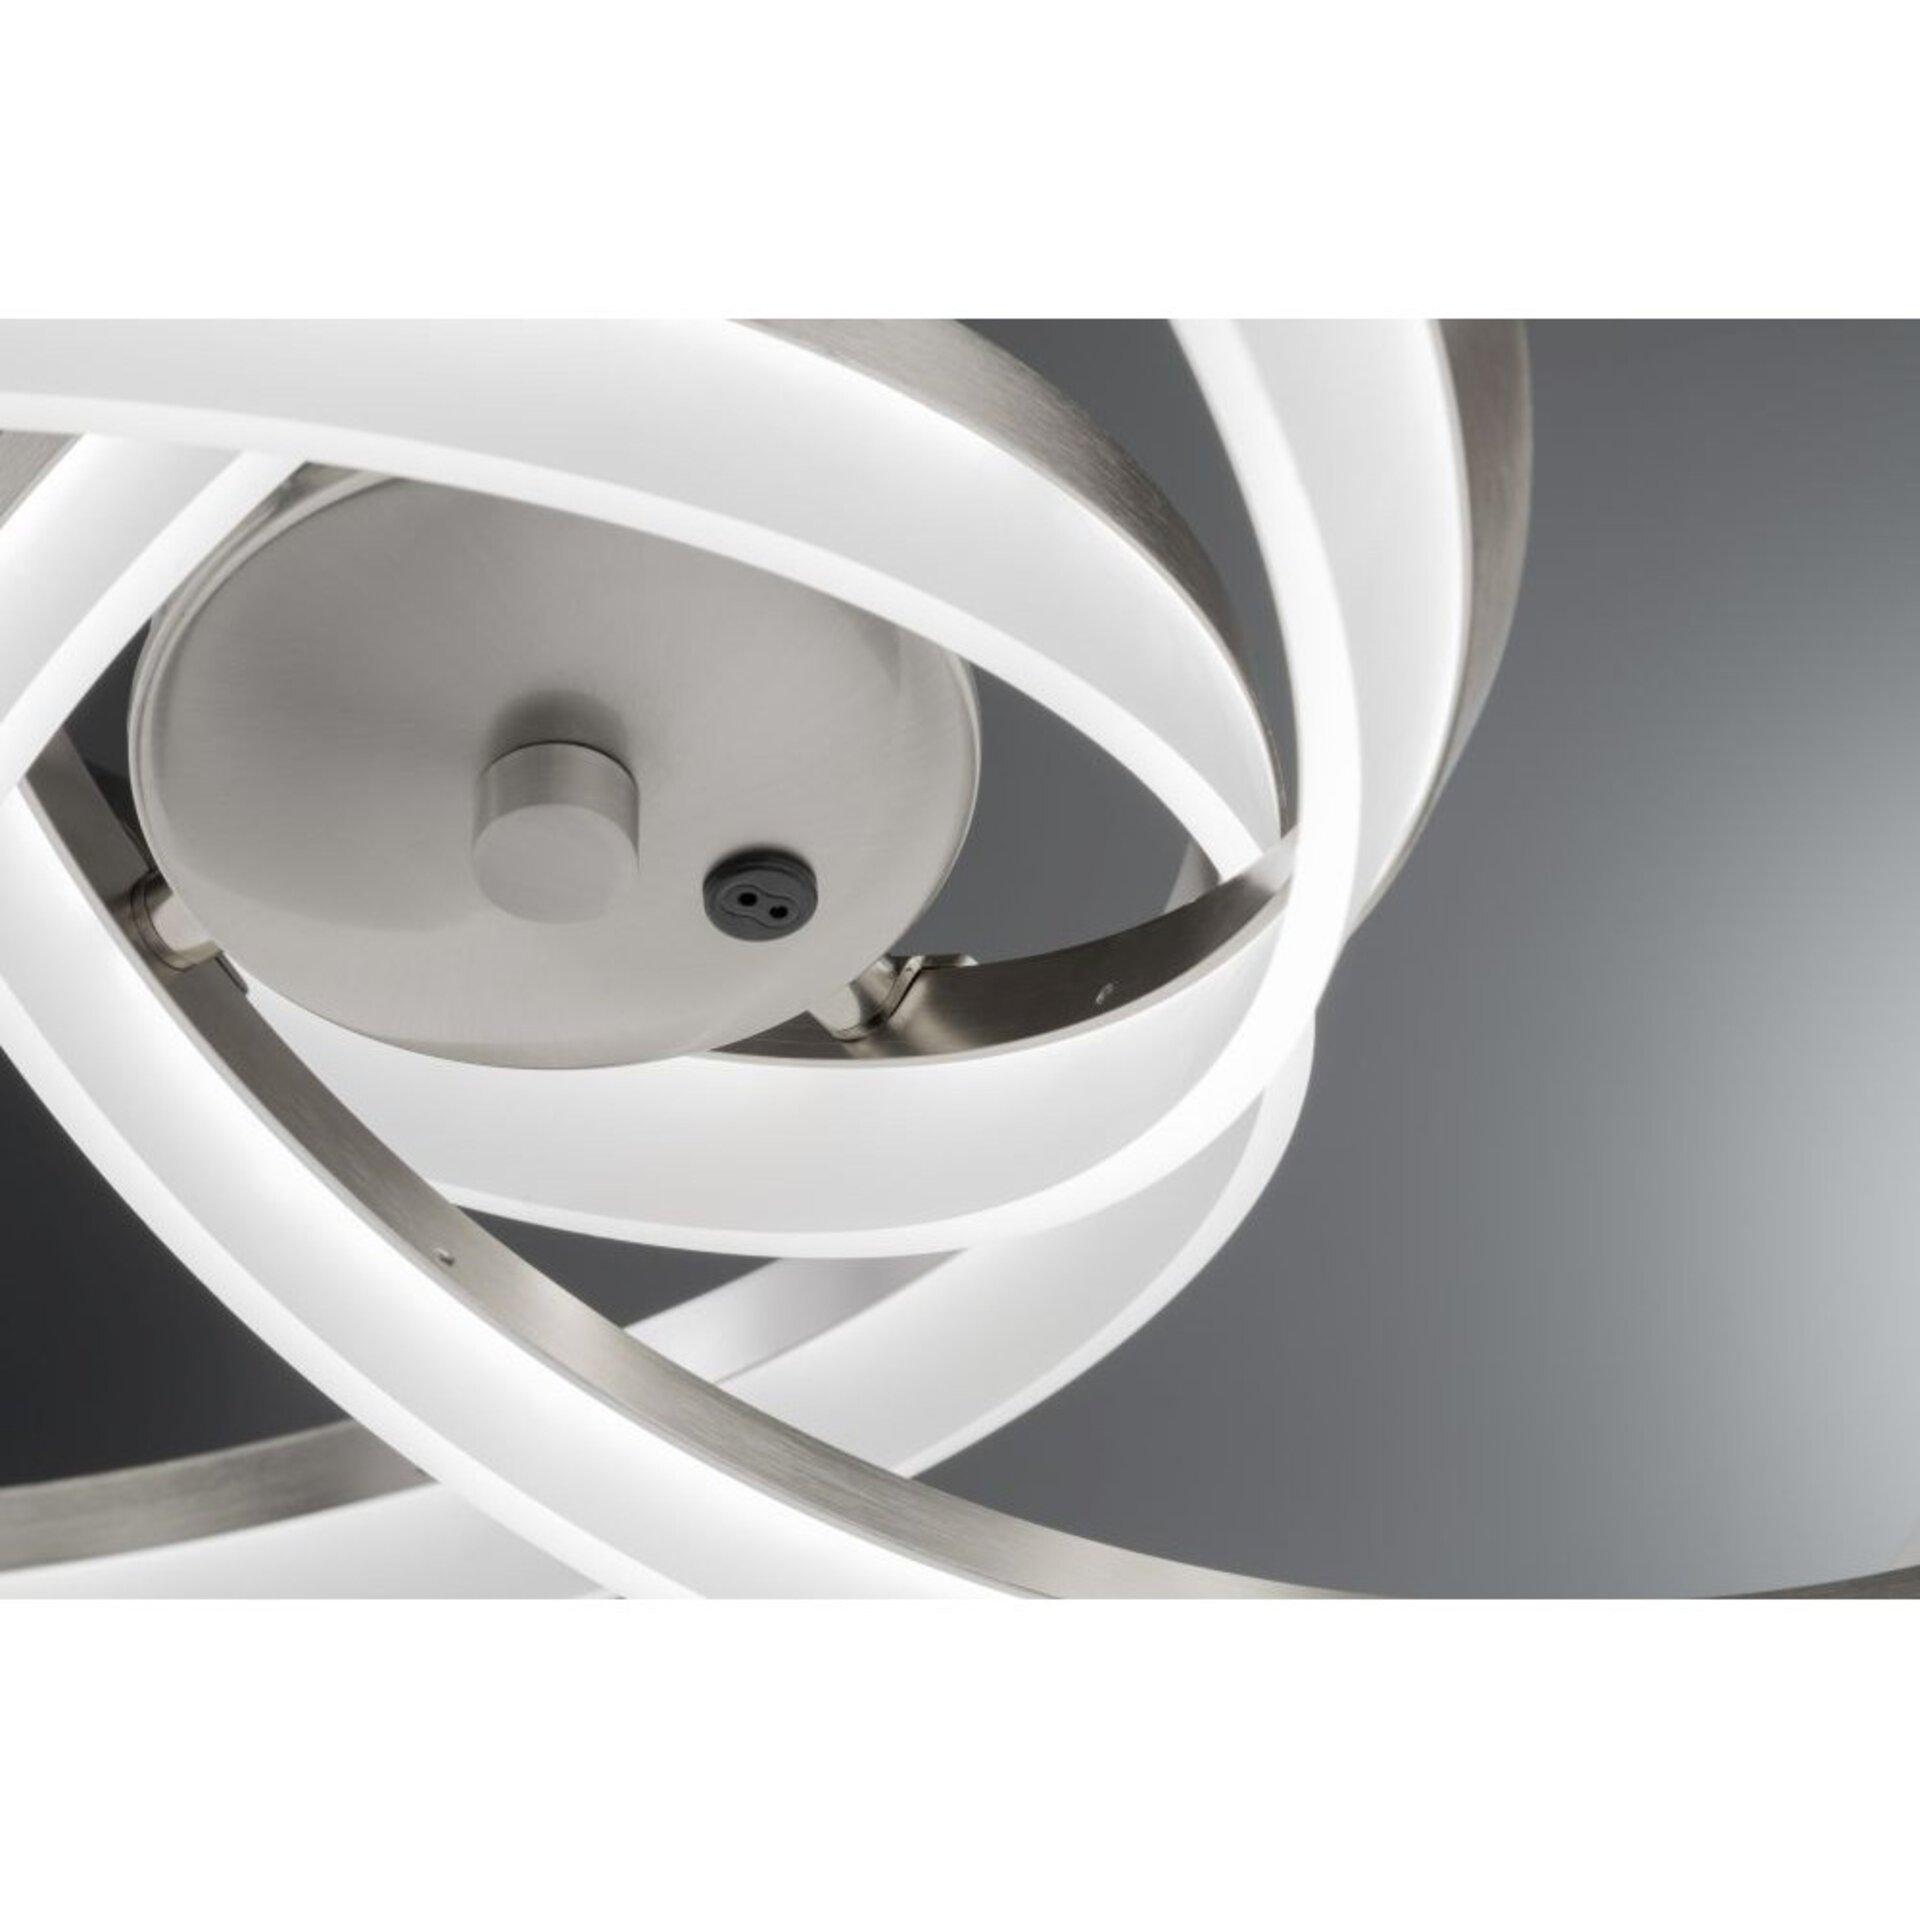 Hängeleuchte Sund Fischer-Honsel Metall silber 65 x 140 x 65 cm